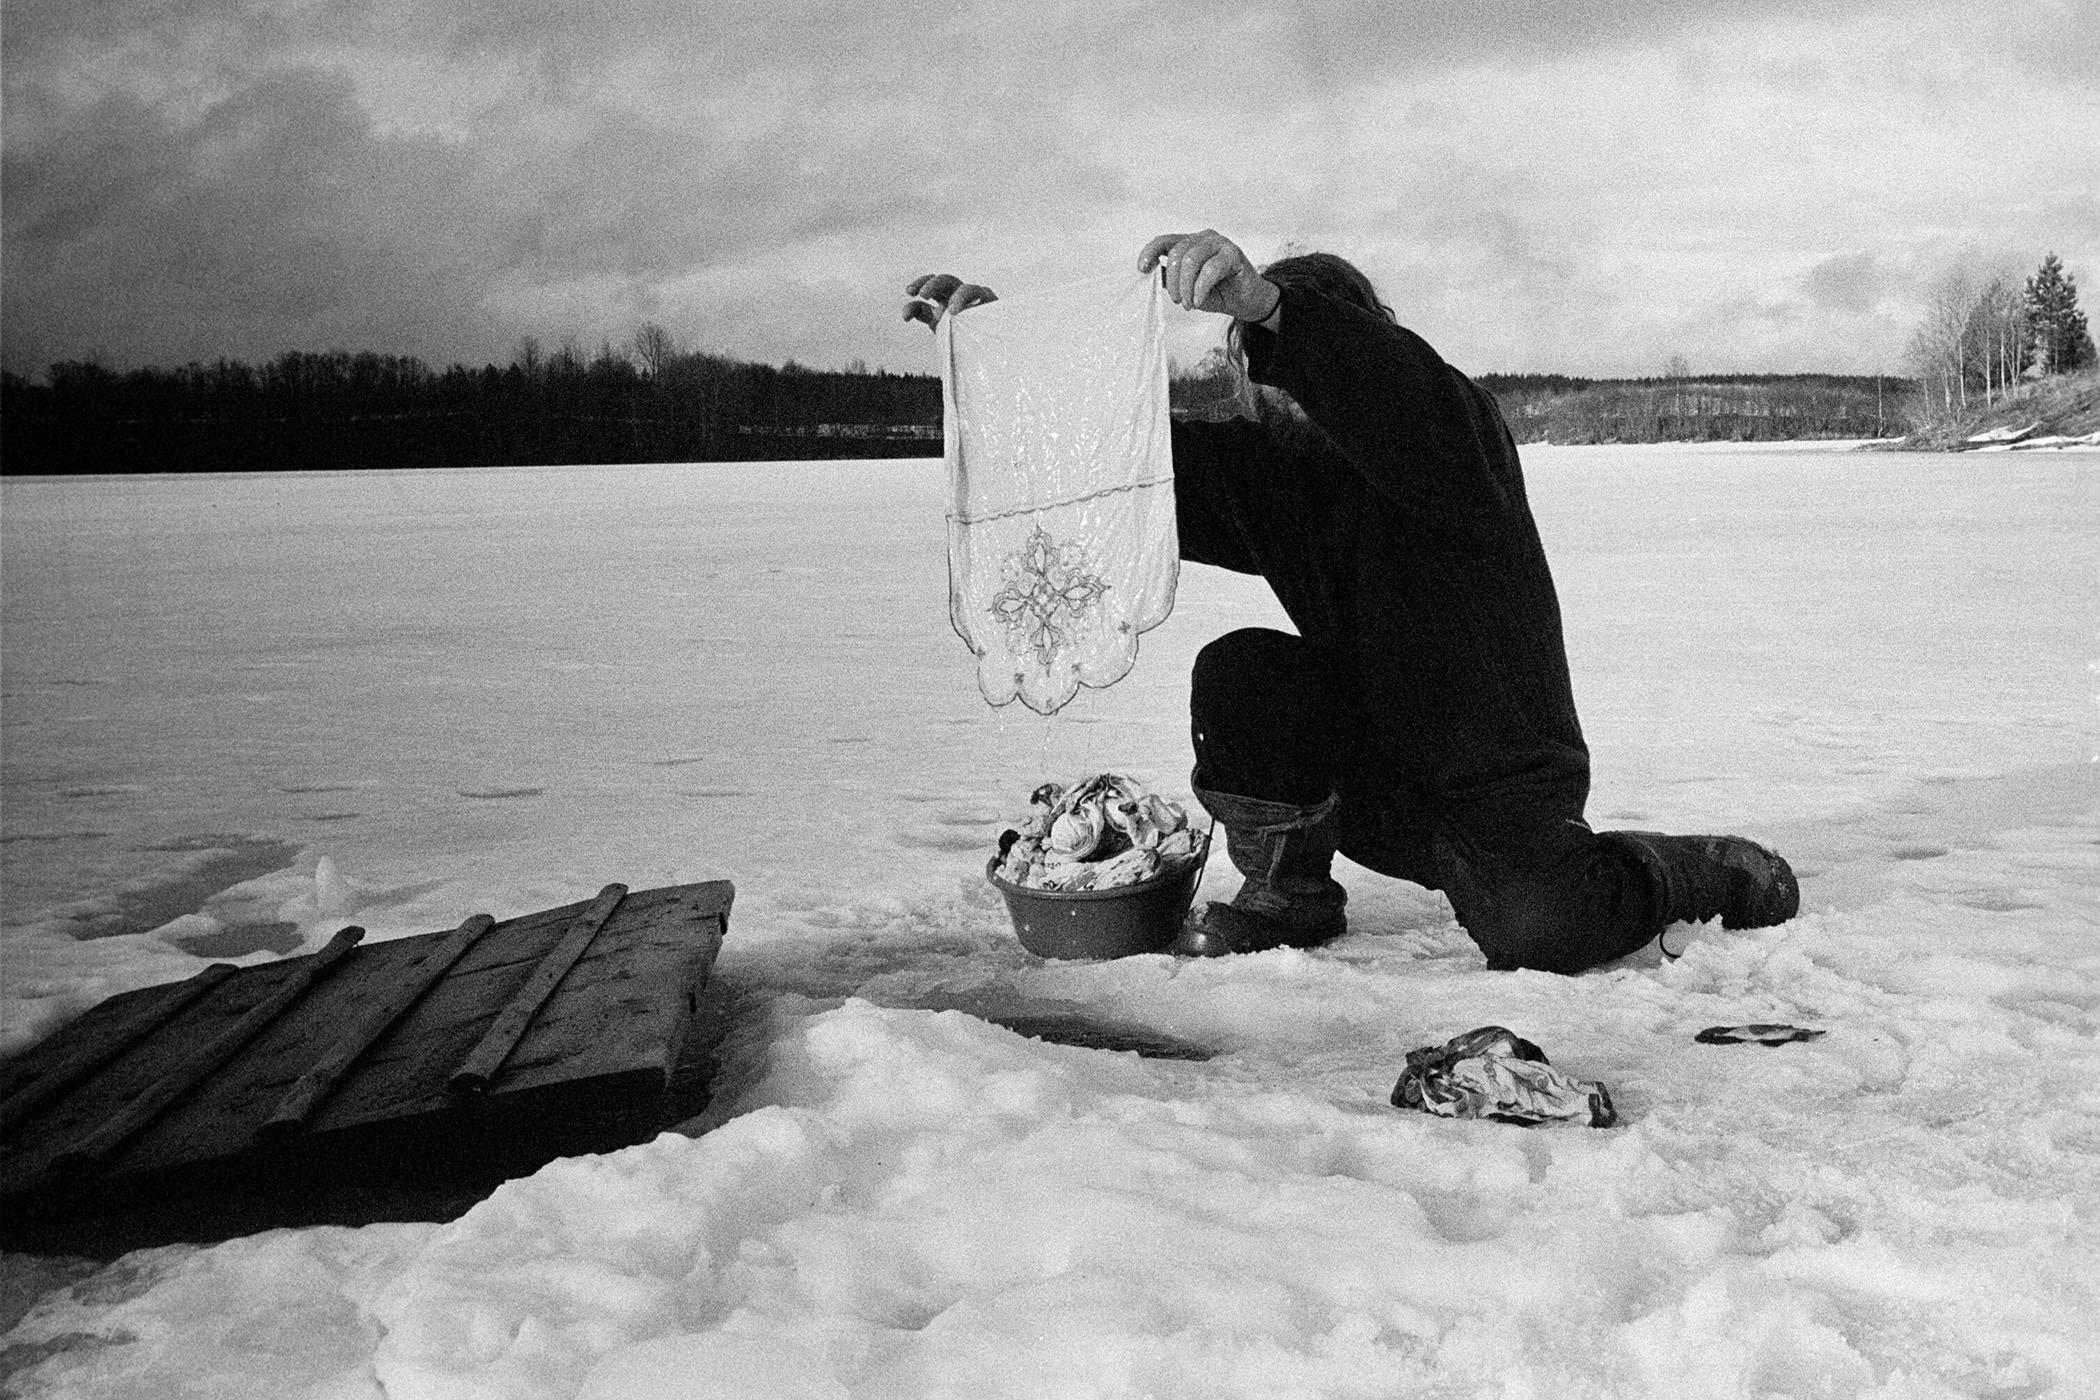 Washing in the Kolodozero lake